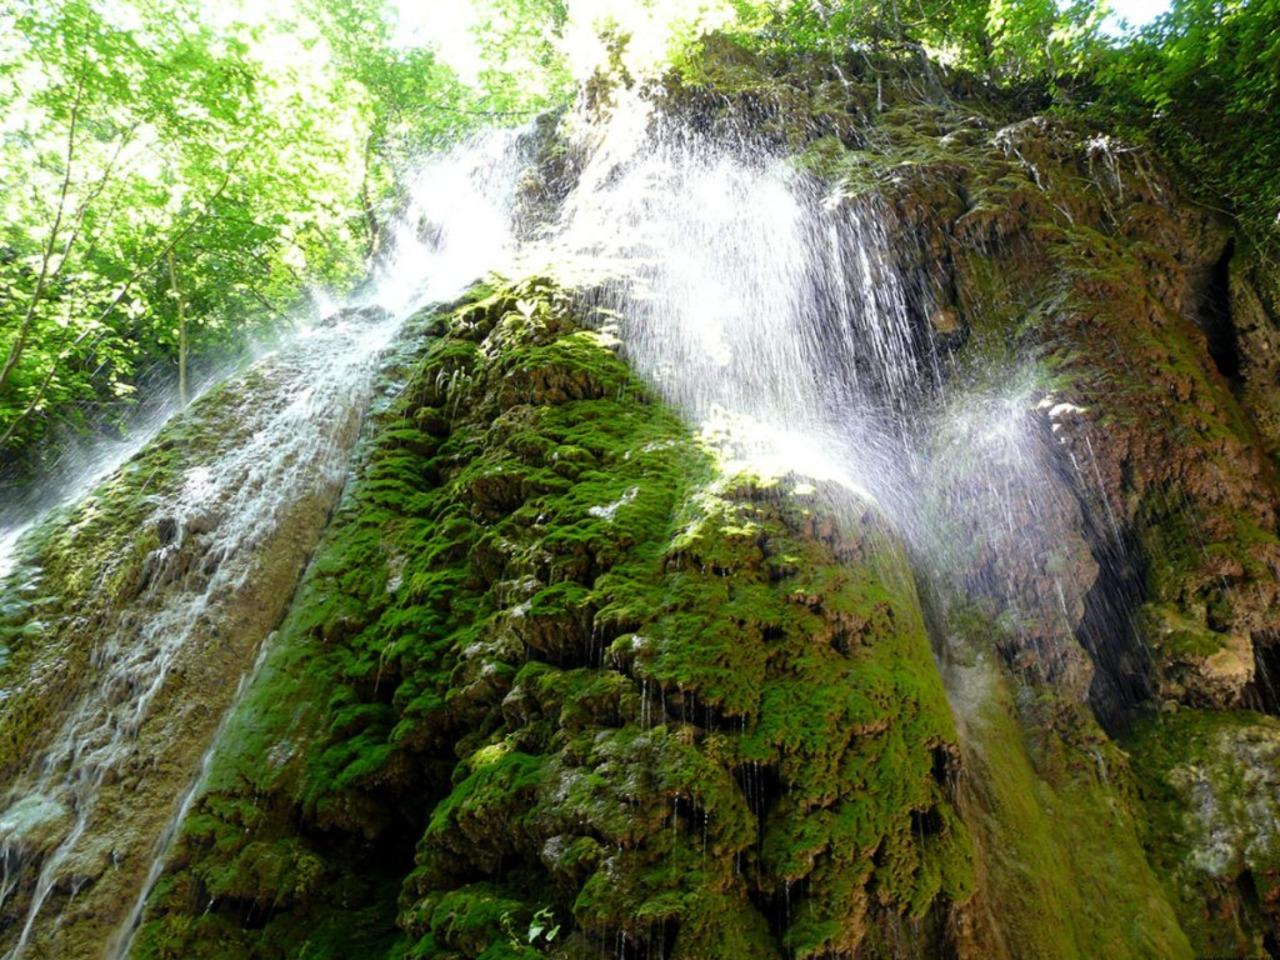 Путешествие к Гебиусским водопадам  - индивидуальная экскурсия в Анапе от опытного гида